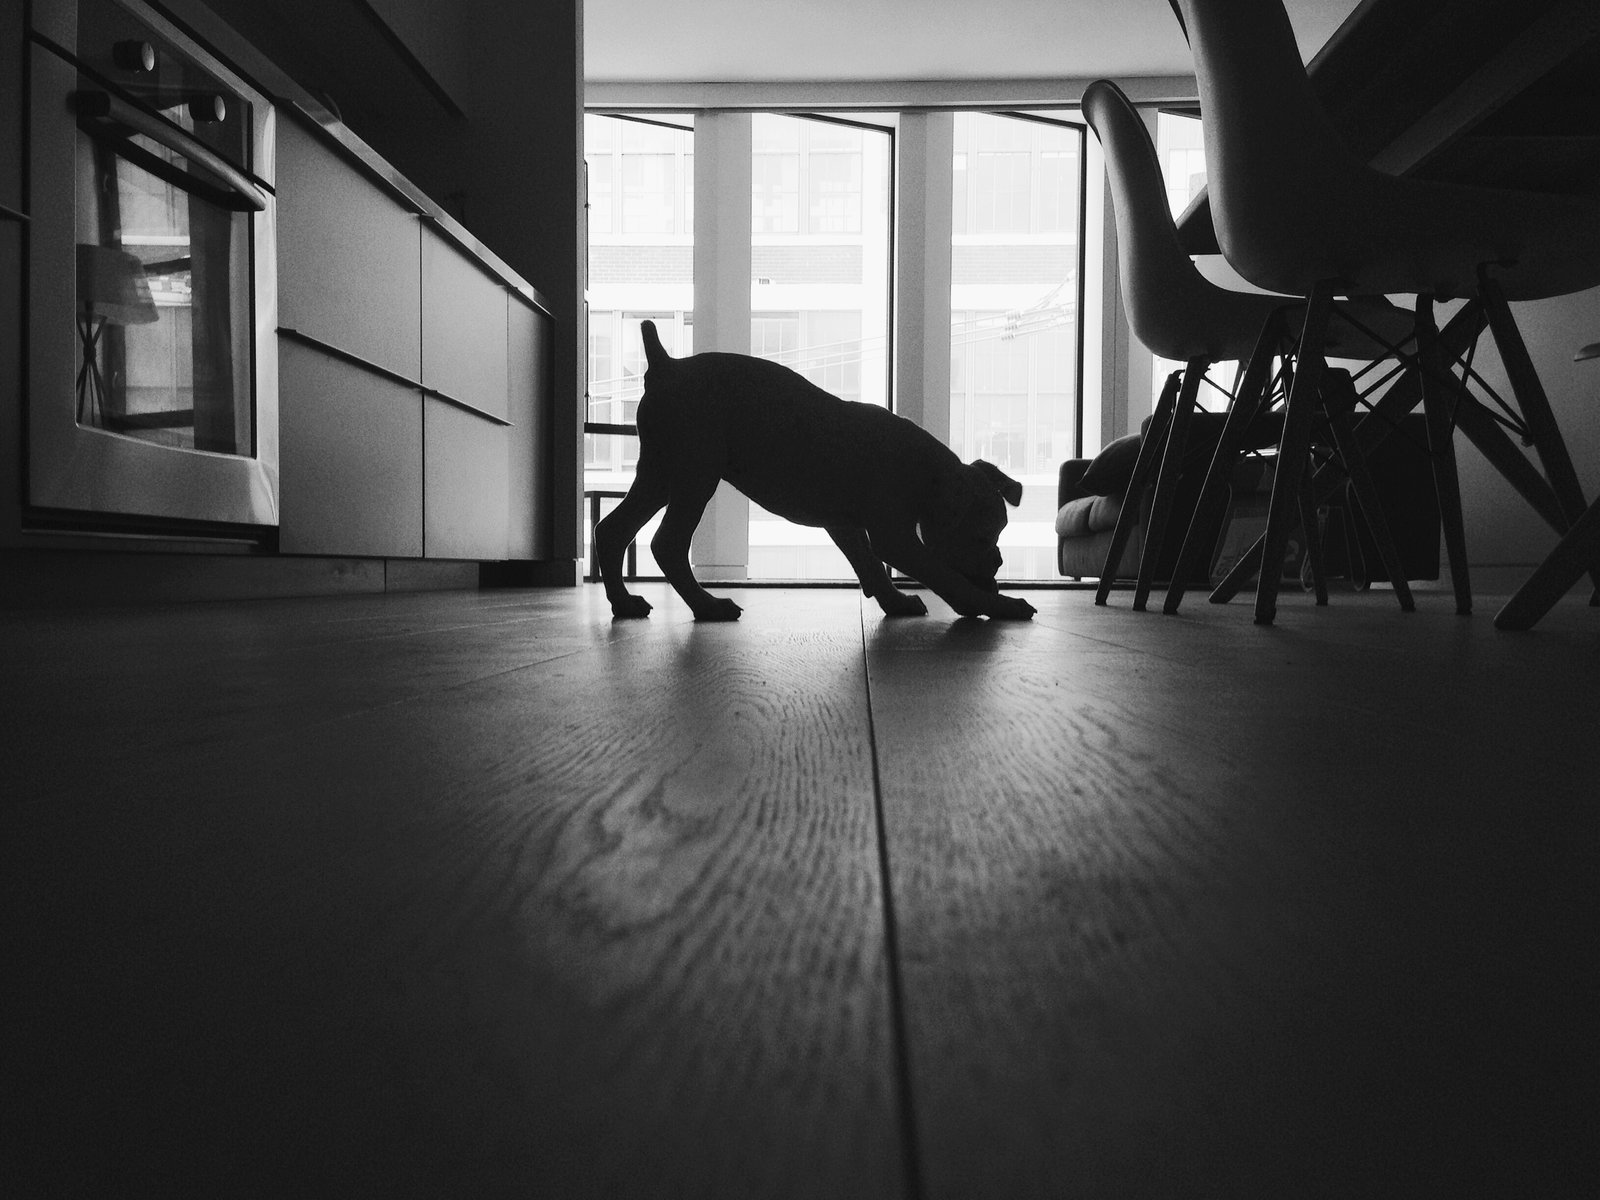 Dogs on Dwell:  My Modern Boxer Tofu